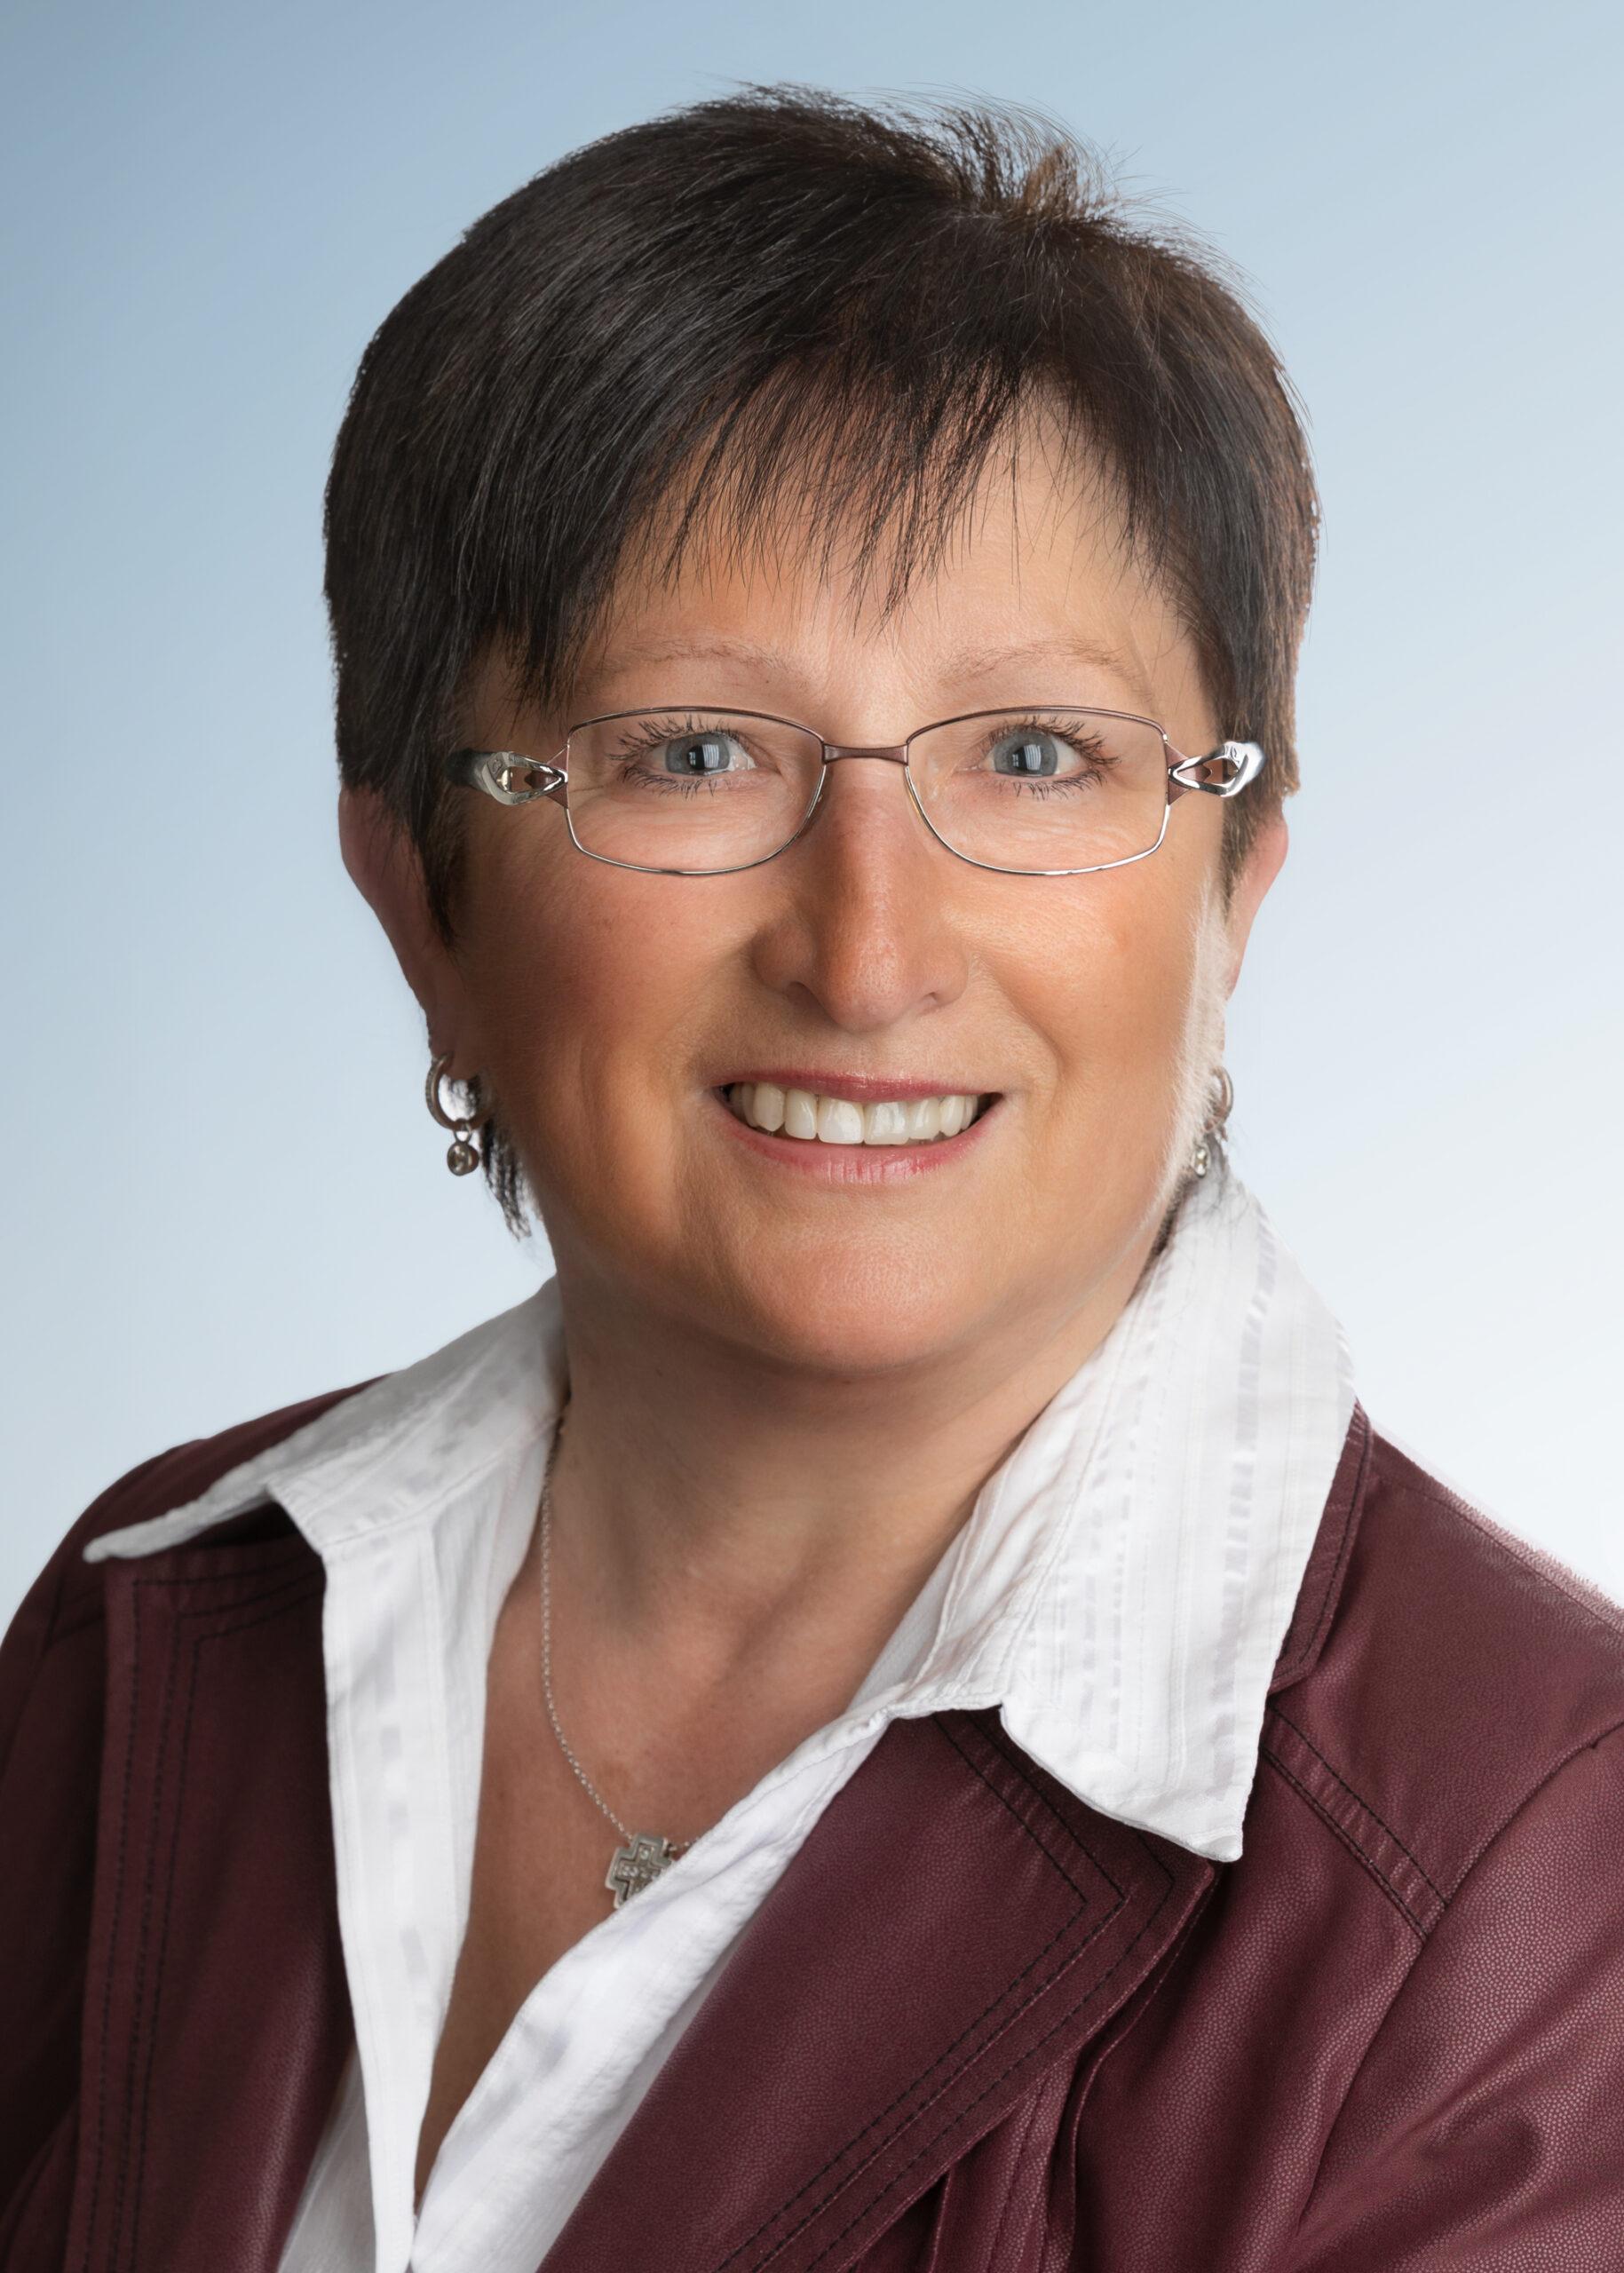 Annemarie Mauer, 2. Bürgermeisterin Des Markt Geiselwind